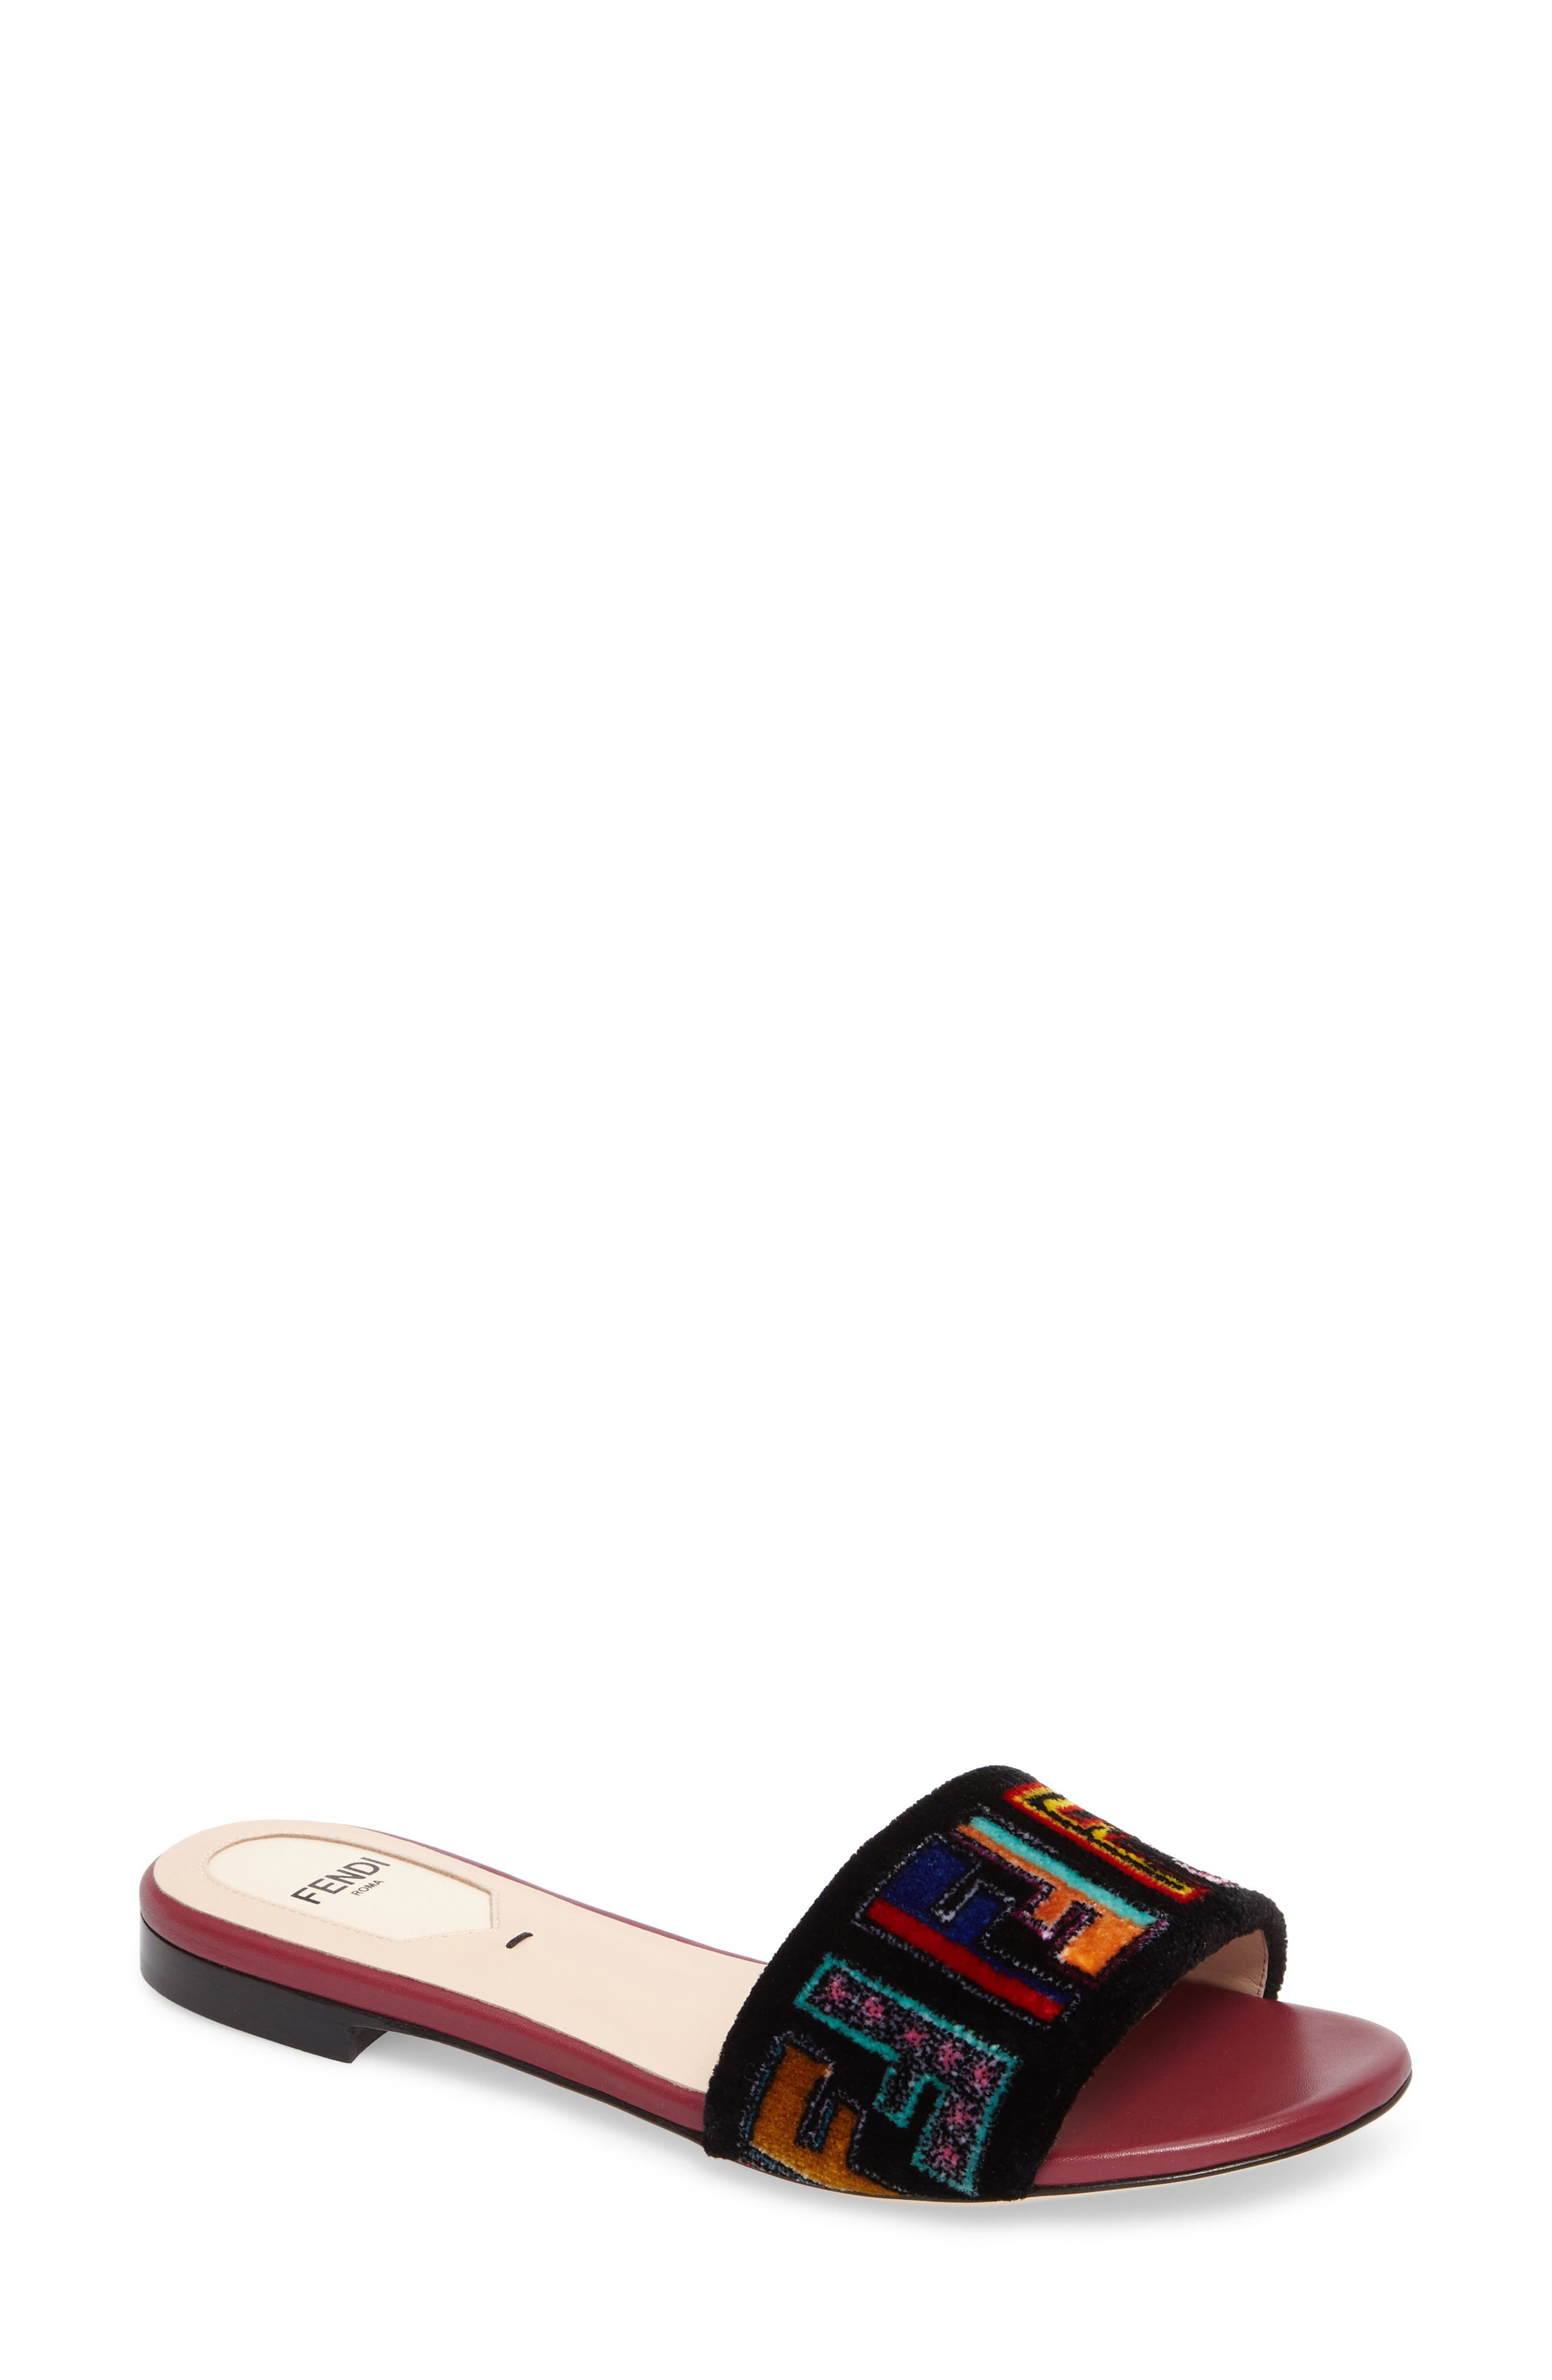 Main Image - Fendi Logo Slide Sandal (Women)